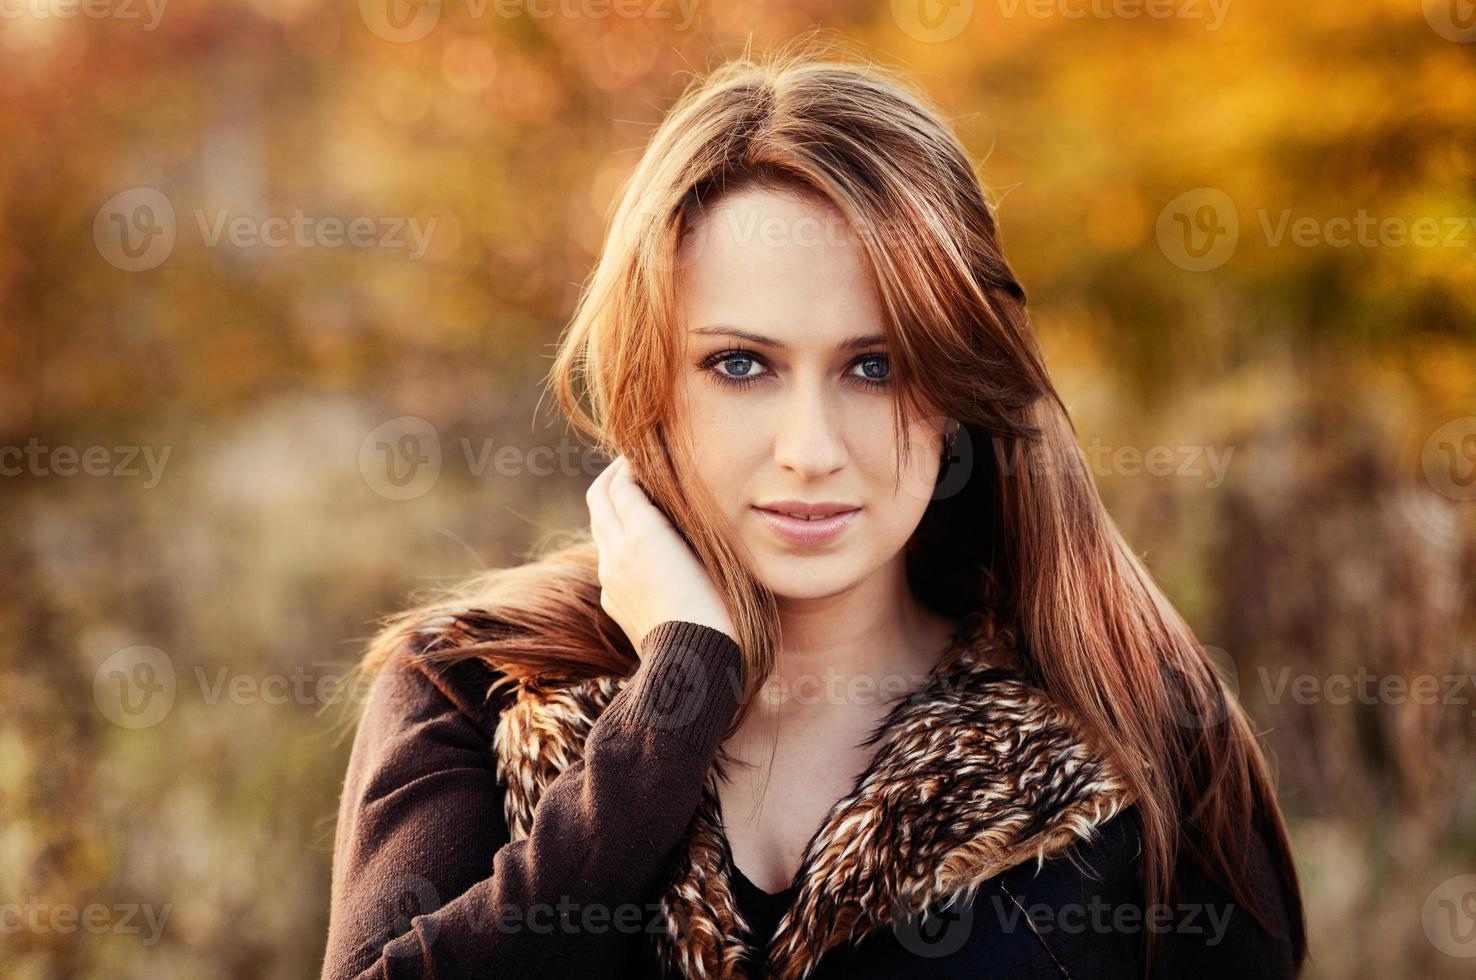 niña otoño foto